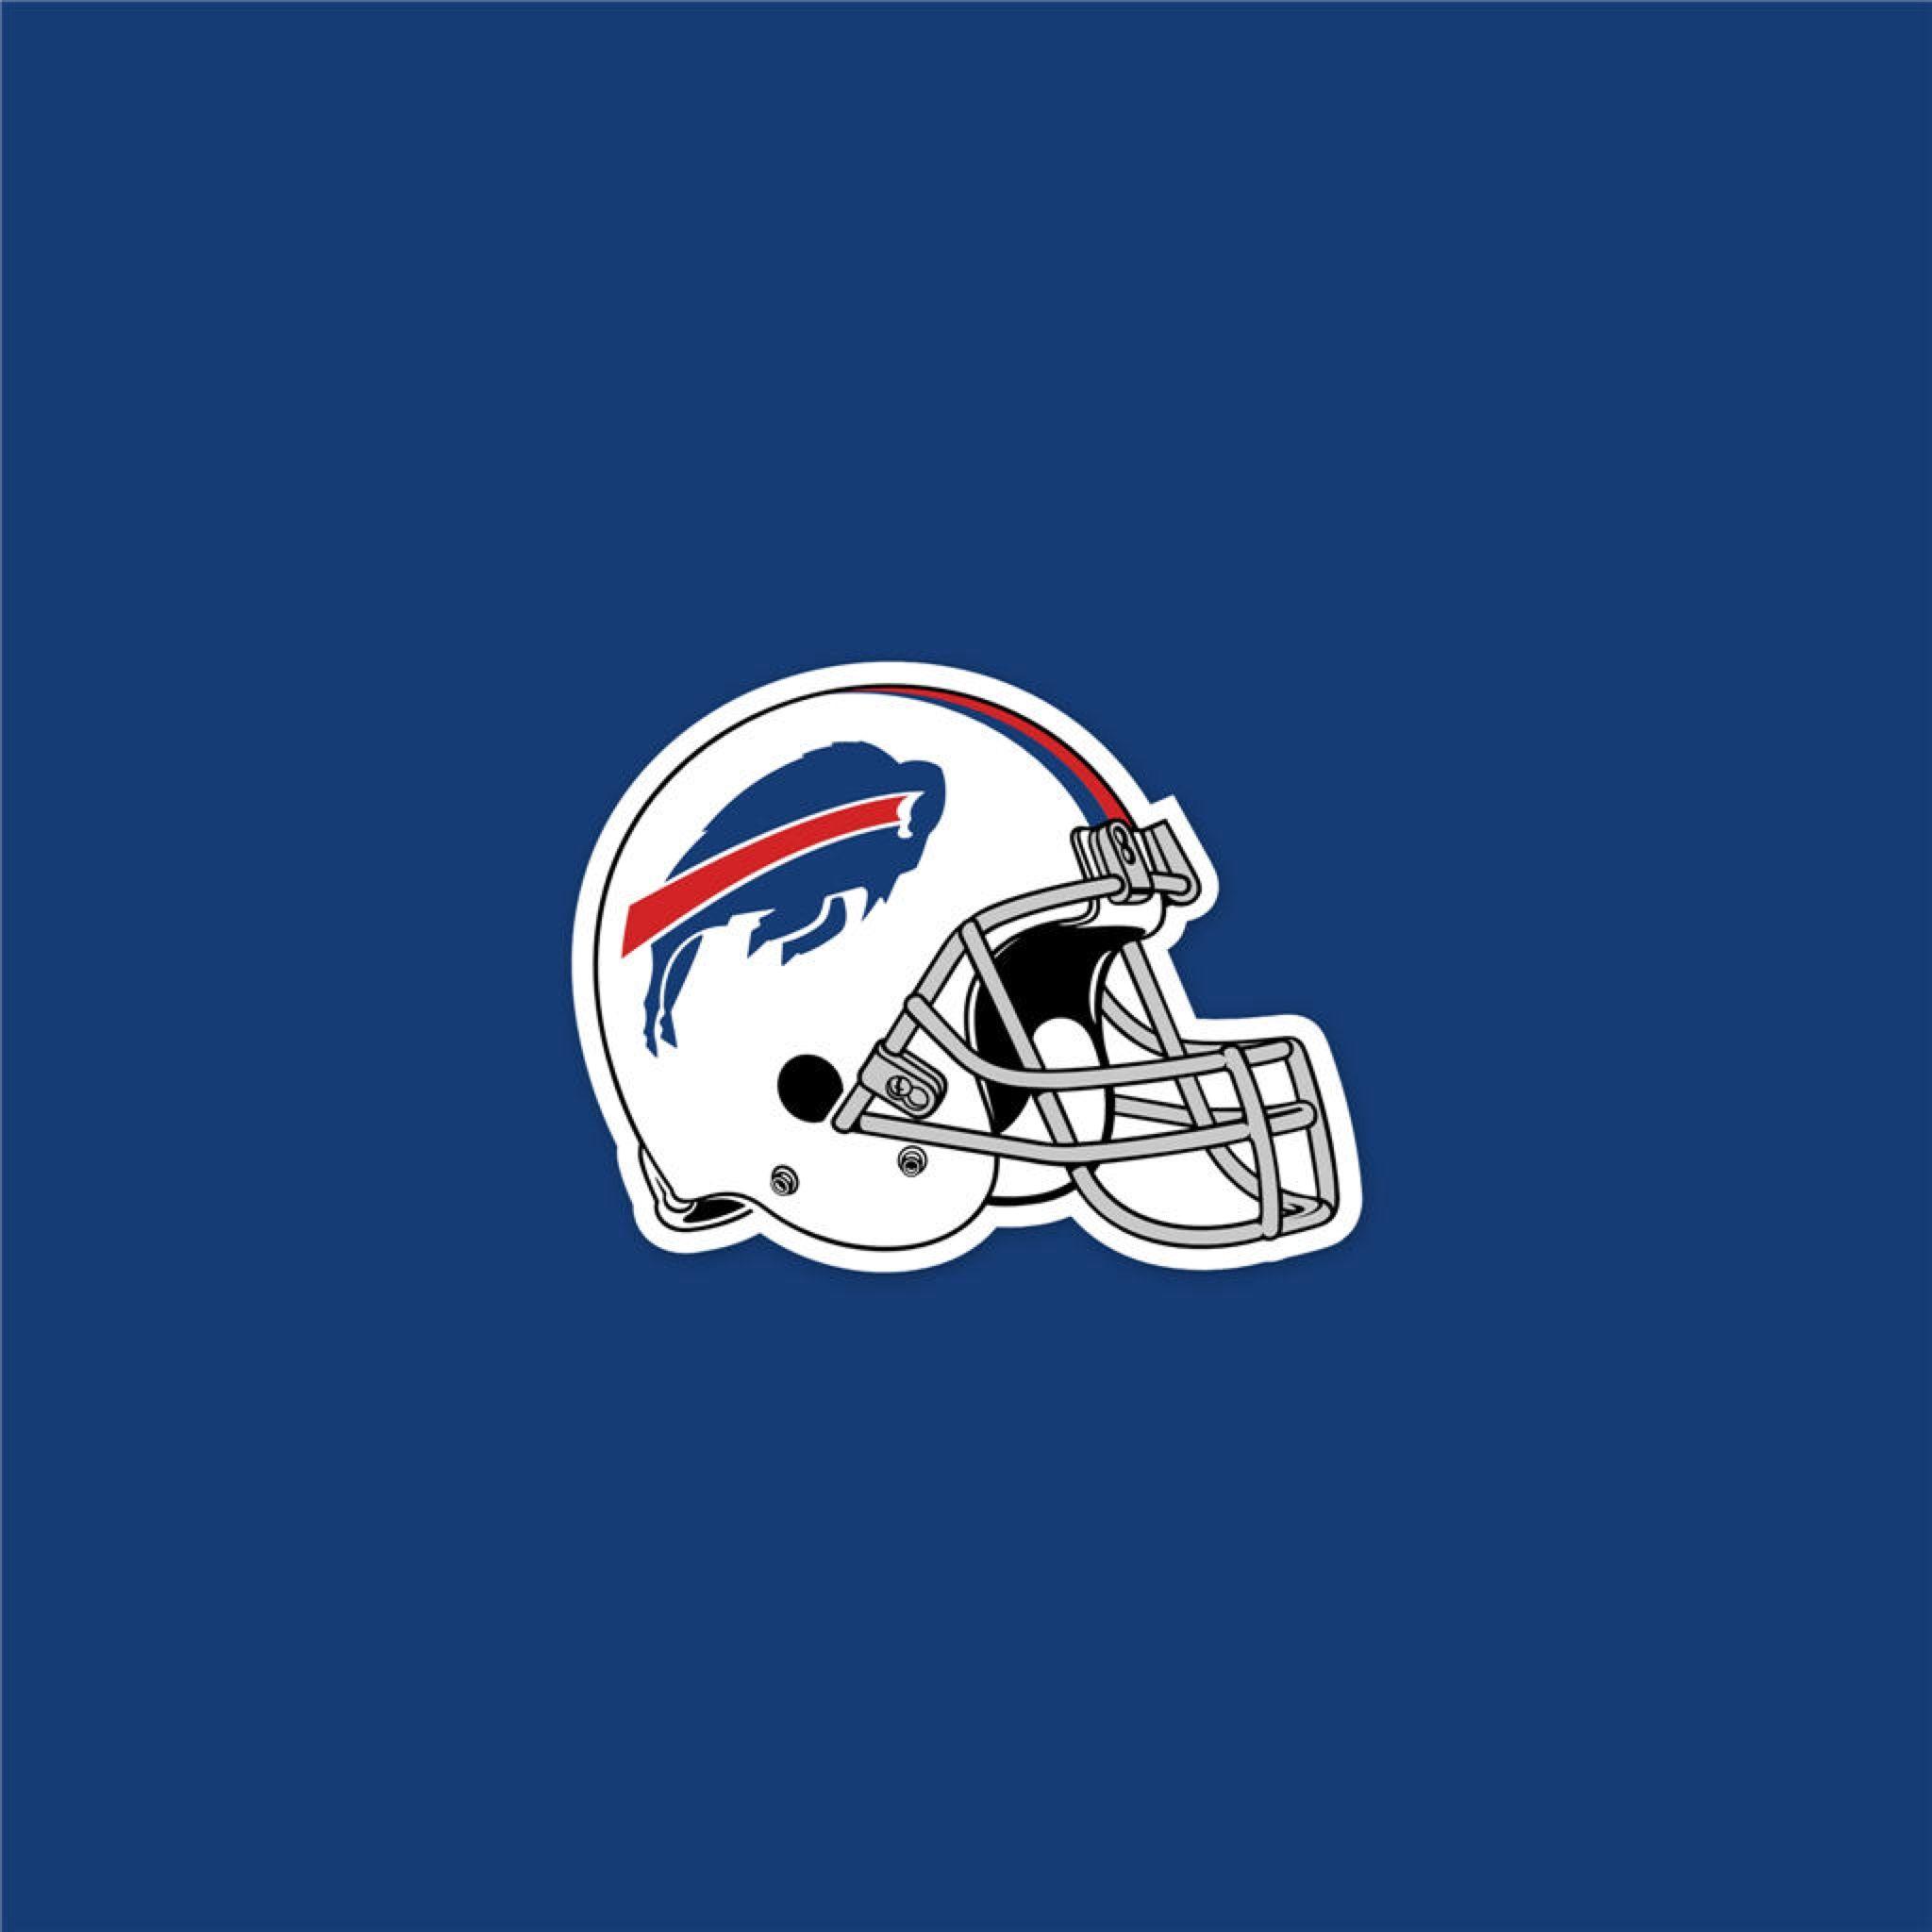 Buffalo Bills Helmet Ipad Wallpaper Hd Buffalo Bills Ipad Wallpaper Nfl Logo